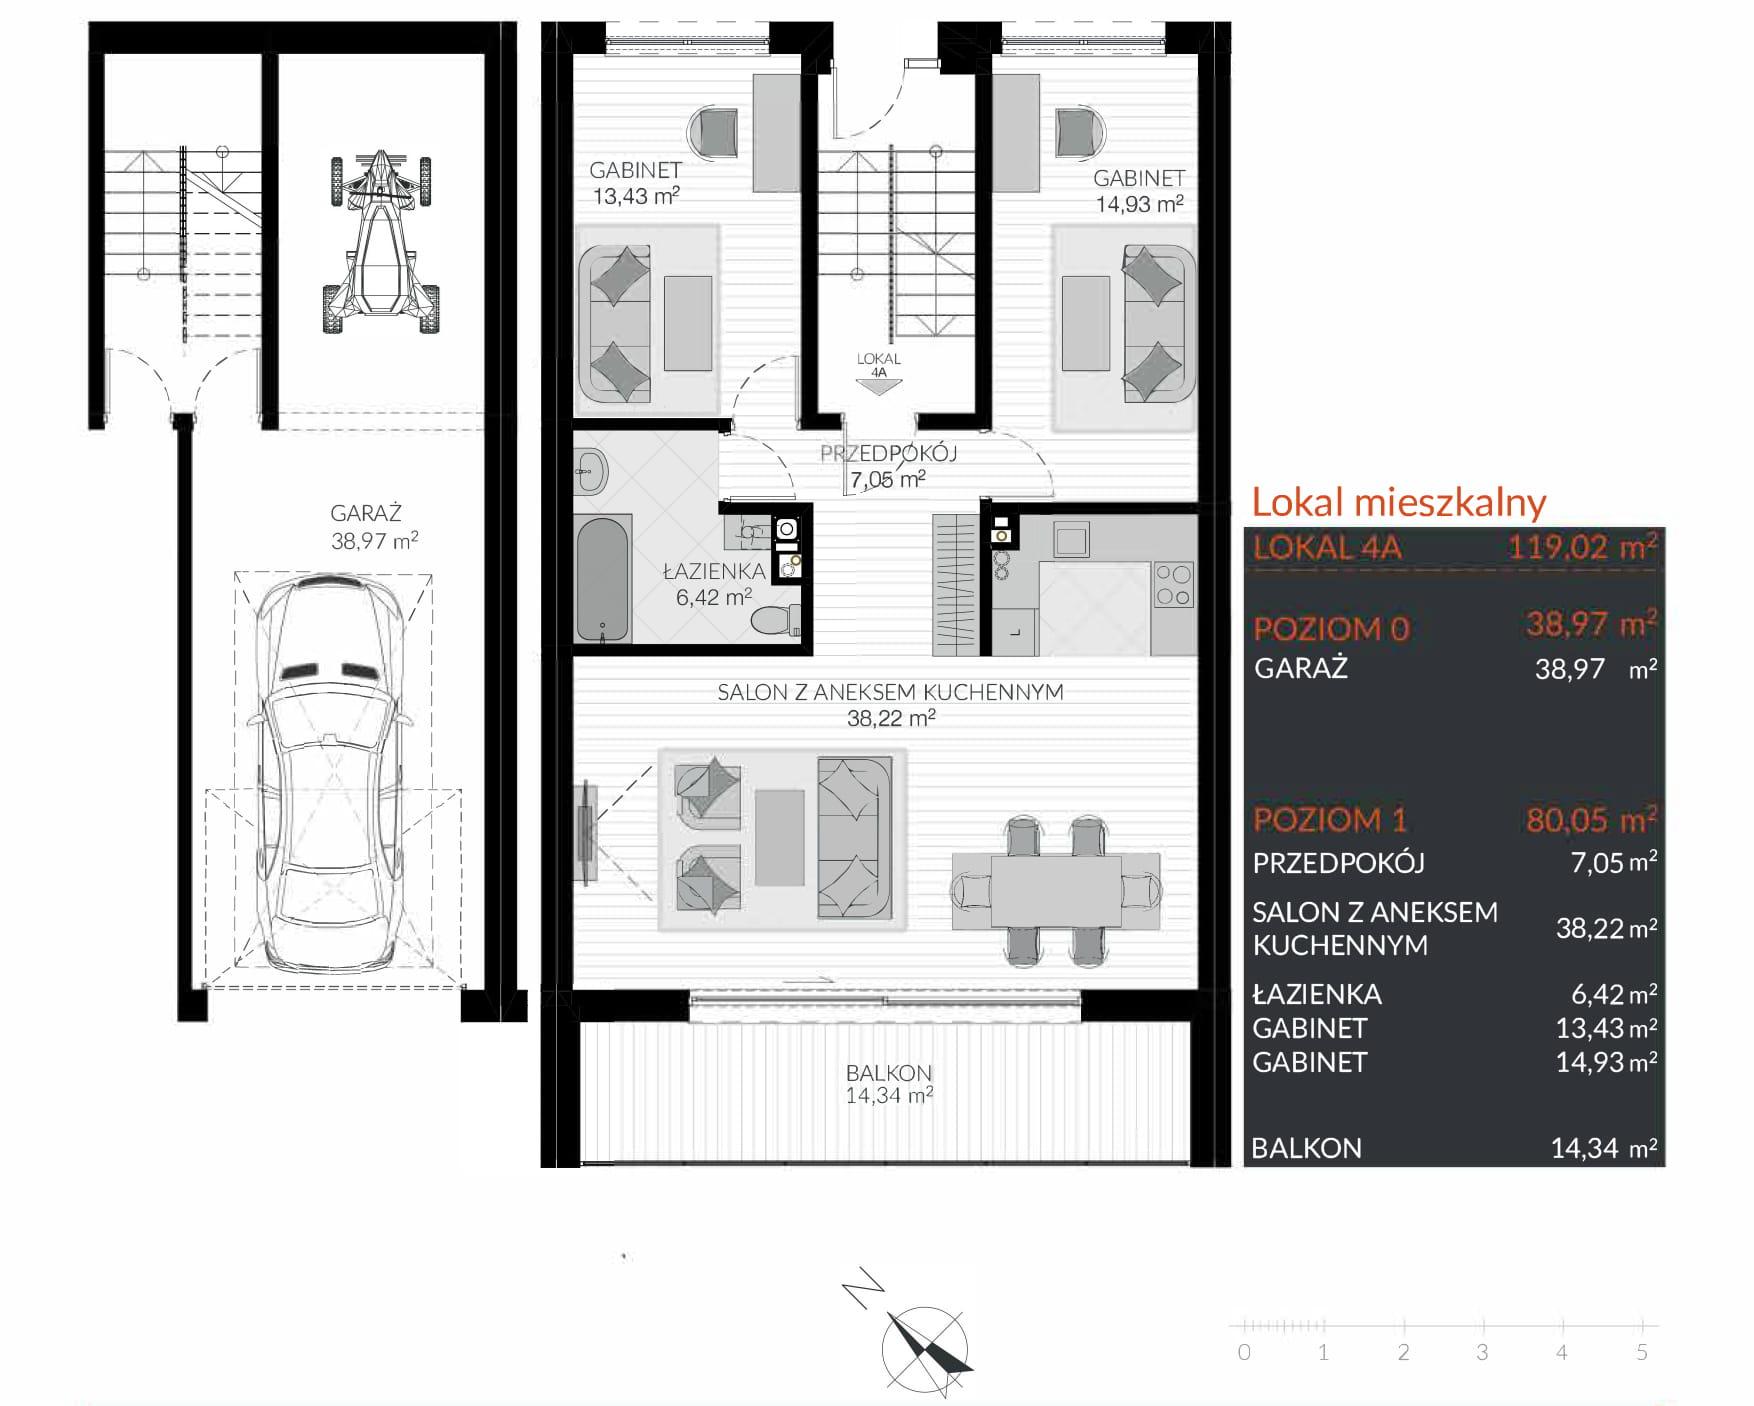 Apartamenty Kamienna / apartamenty inwestycyjne 4A rzut 1